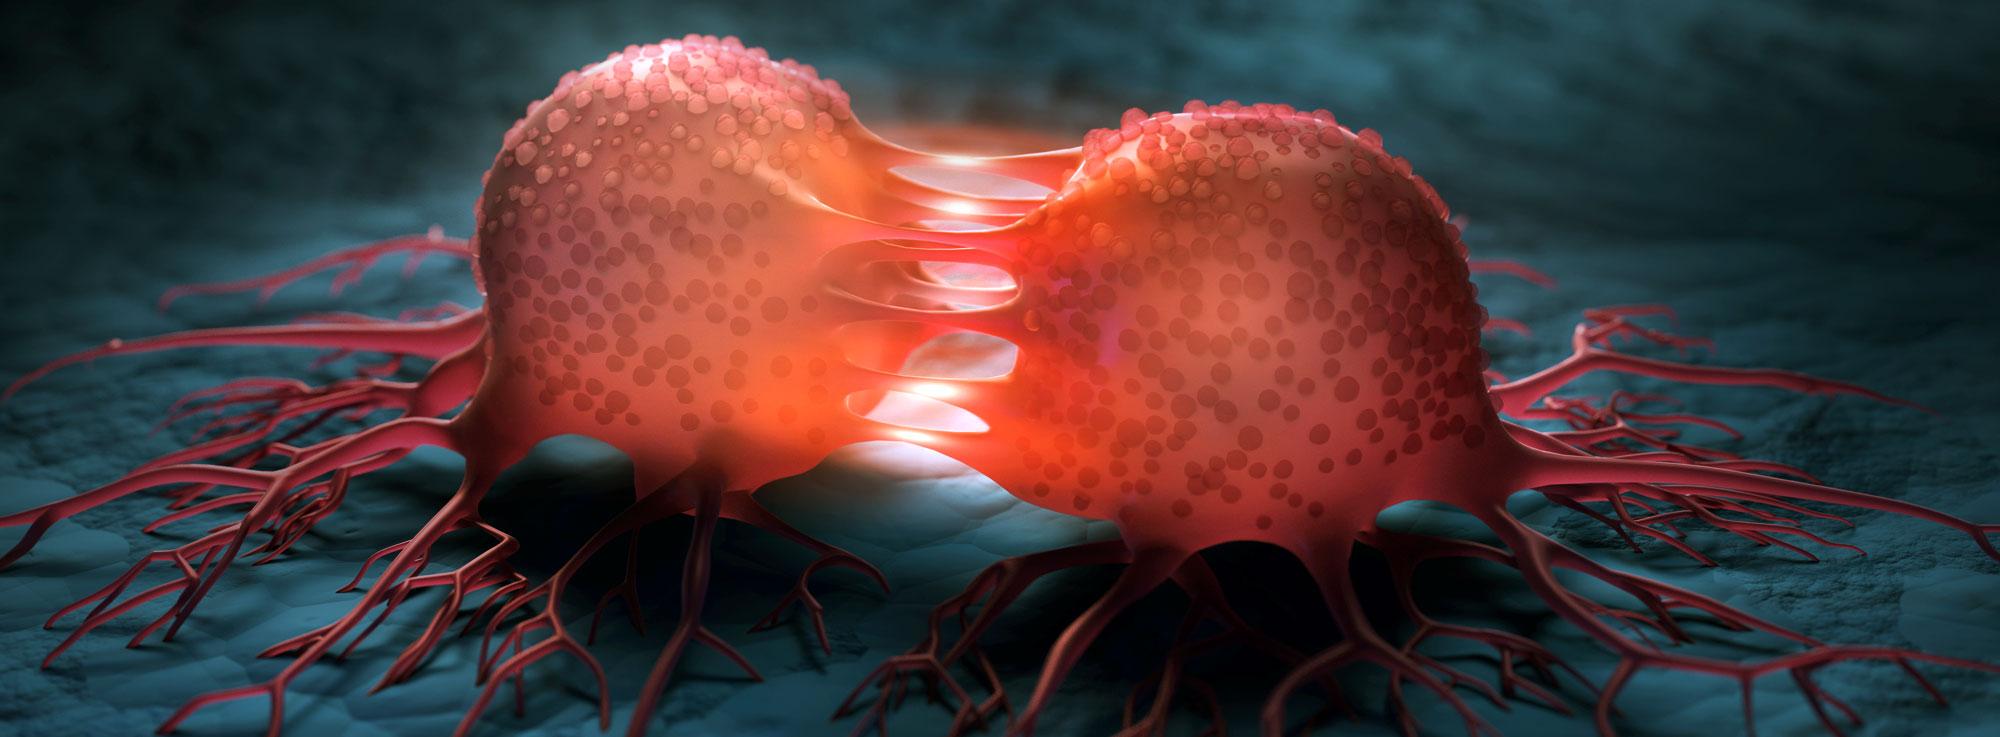 Darmkrebsprävention in Berlin Zehlendorf Schlachtensee Gastroenterologie Gastroenterologie Koloskopie, Proktoskopie, Kapsel-Endoskopie, immunologischer Test